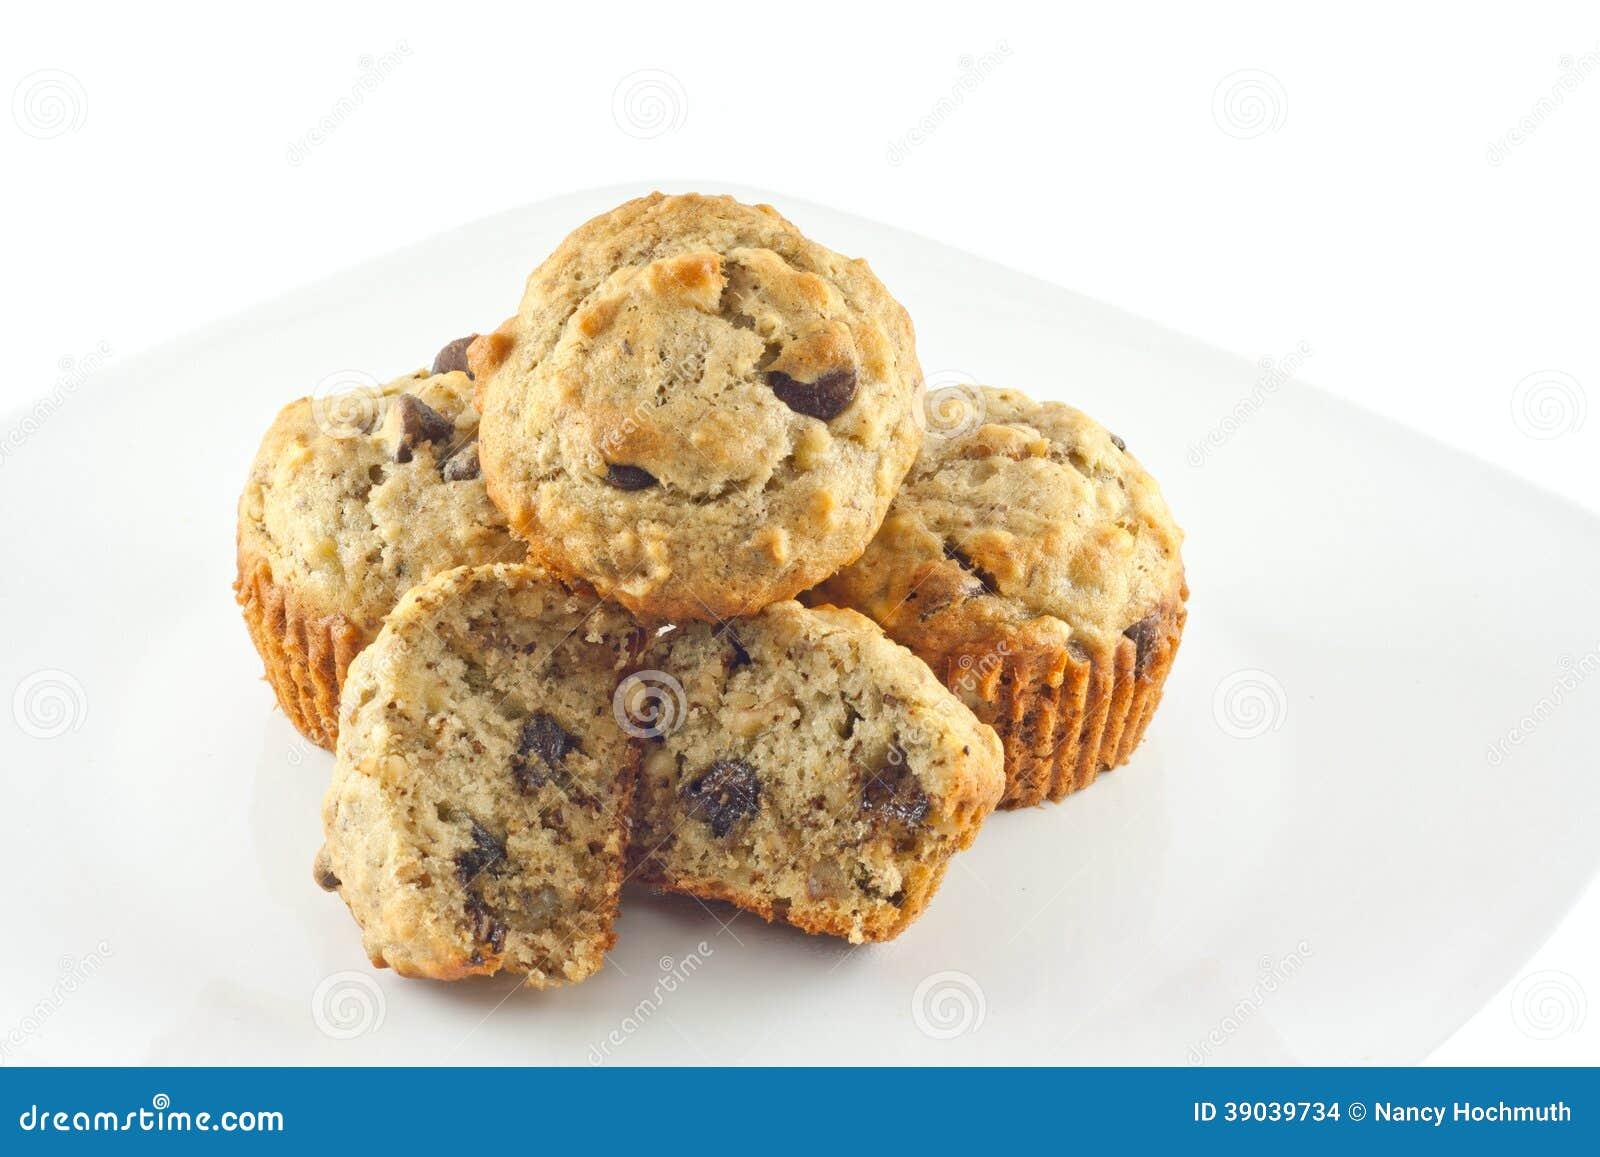 Chocolate Chip Walnut Muffins da banana